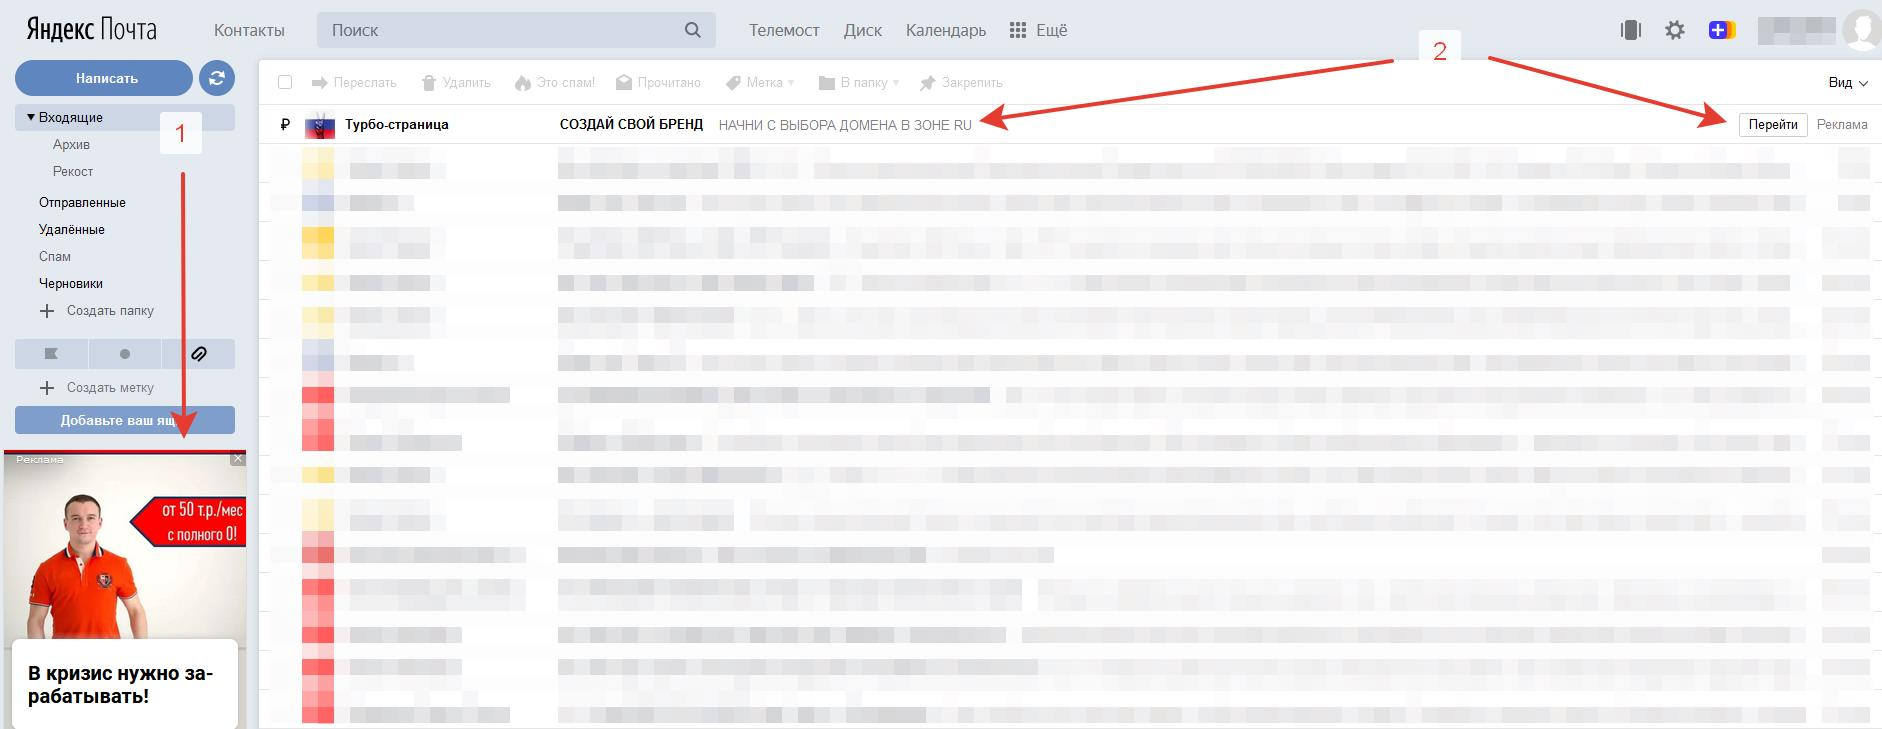 Места размещения рекламы в интерфейсе Яндекс Почты